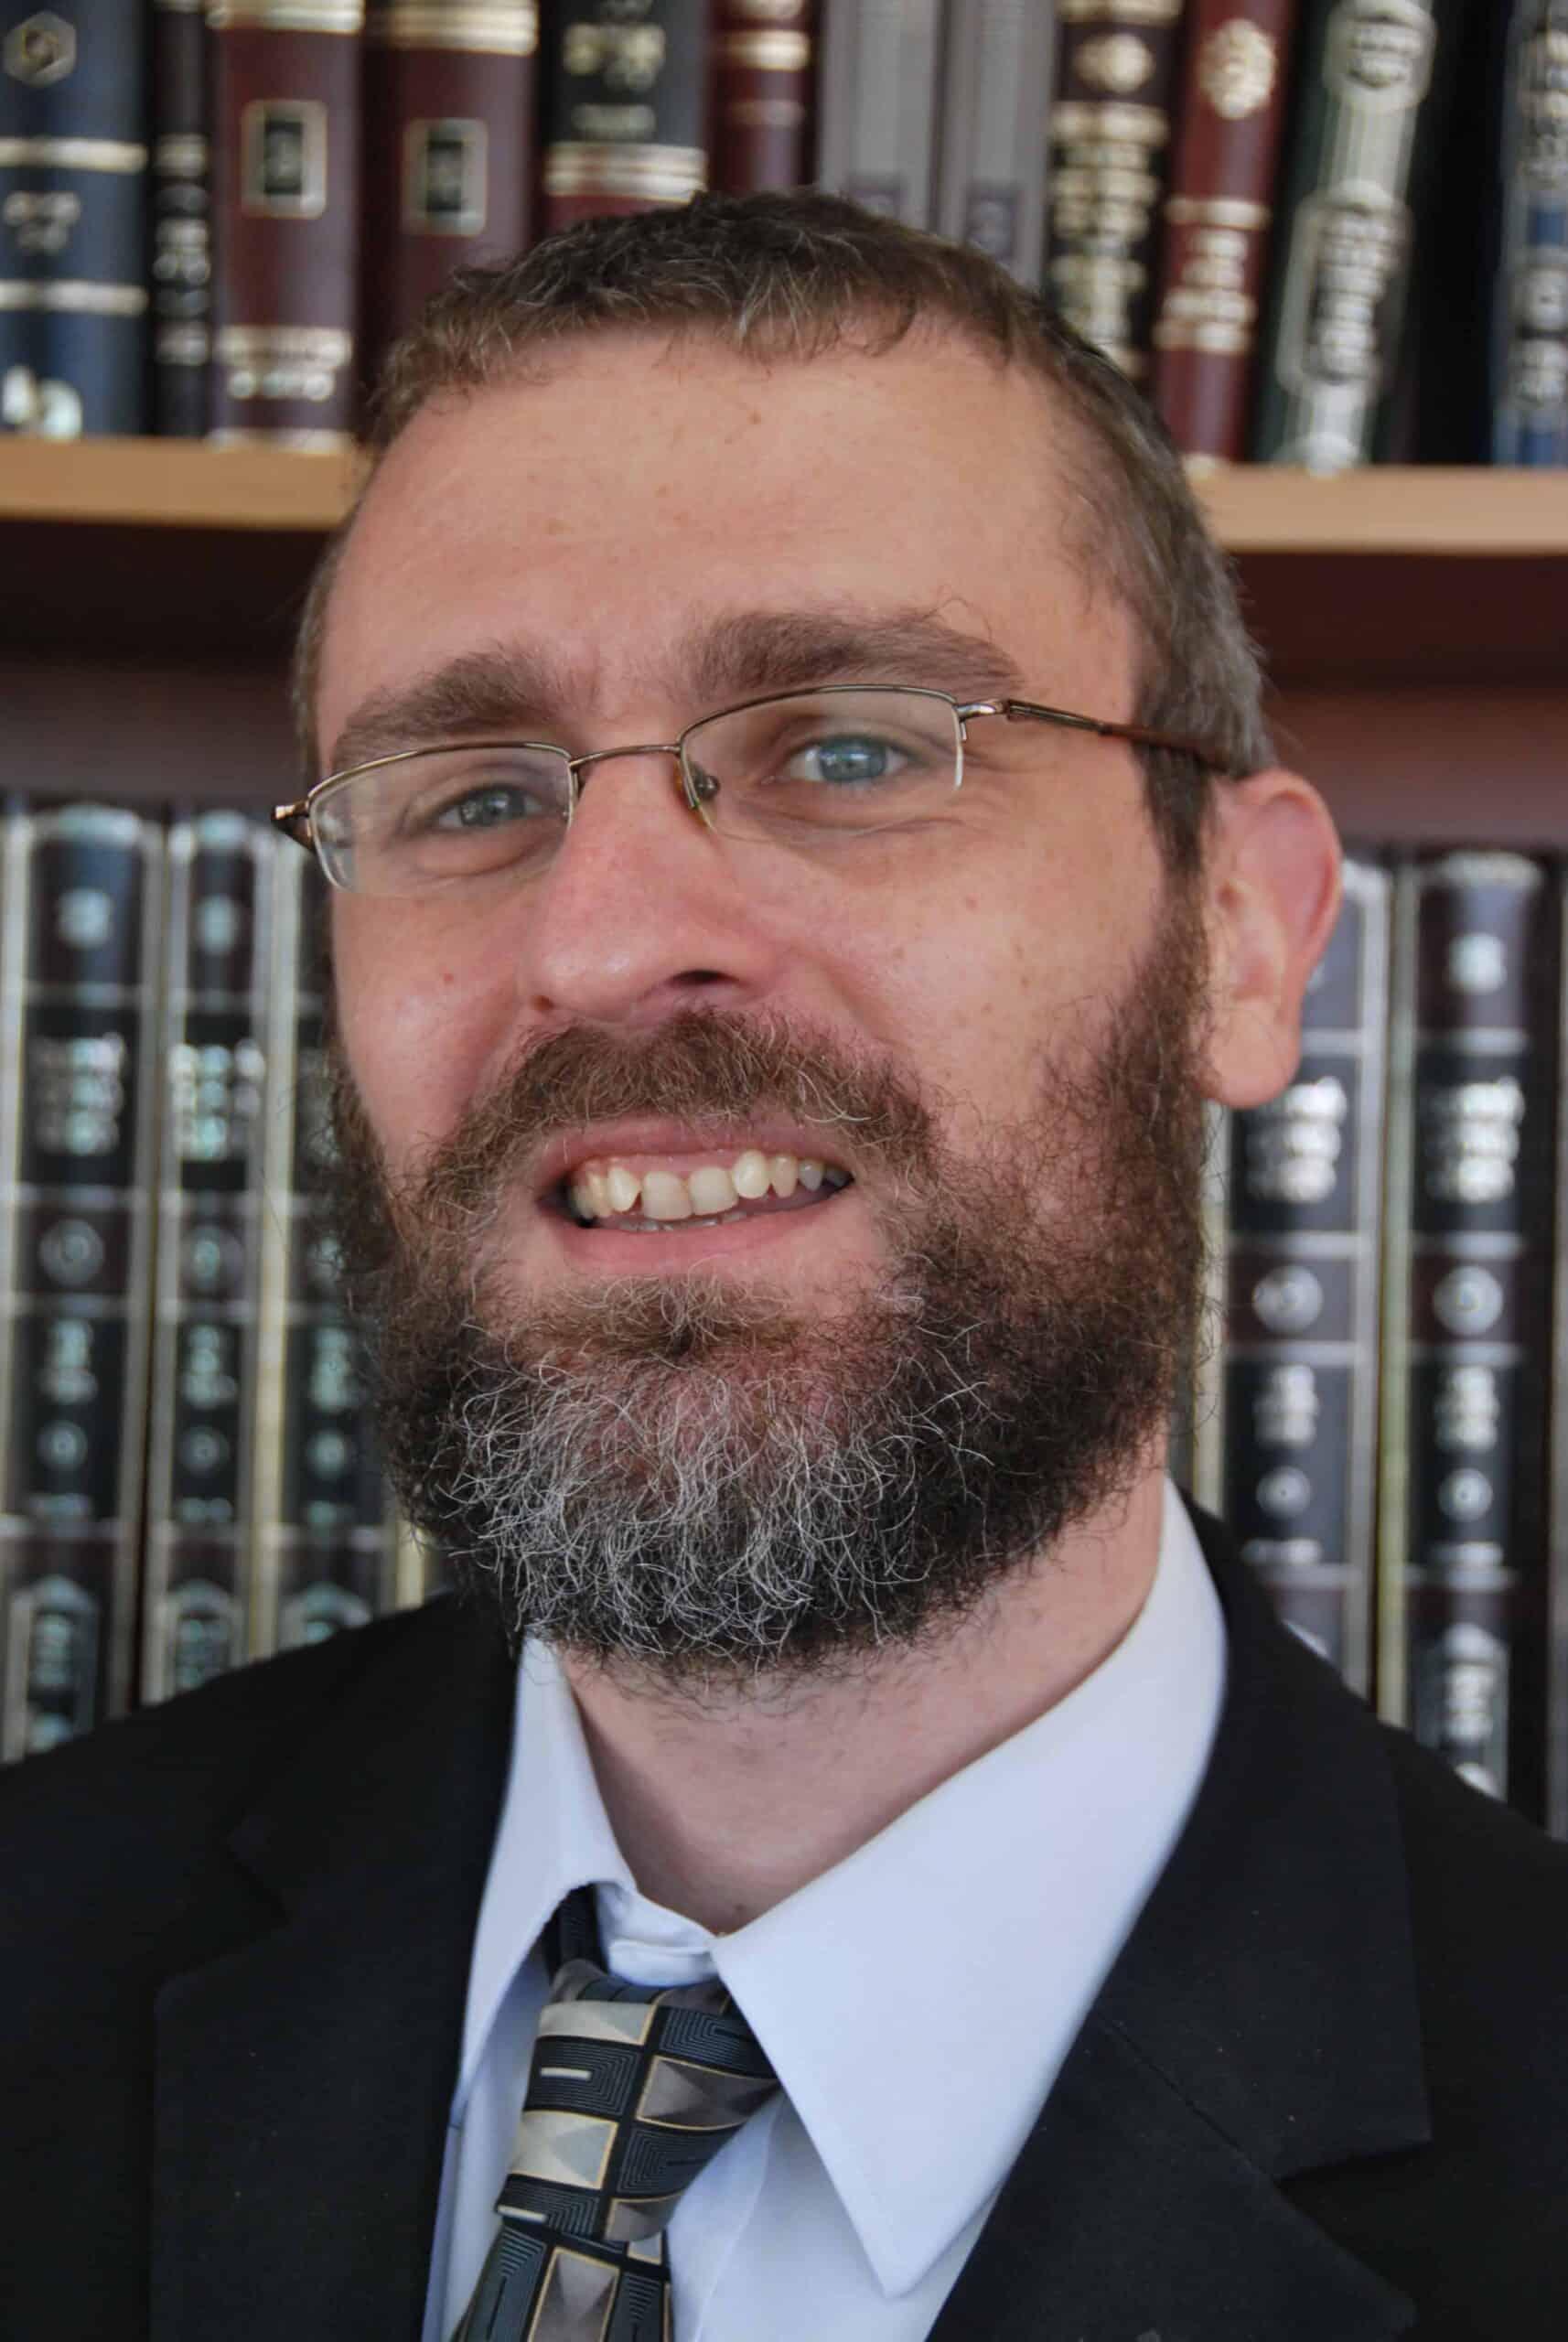 Rabbi Immanuel Bernstein